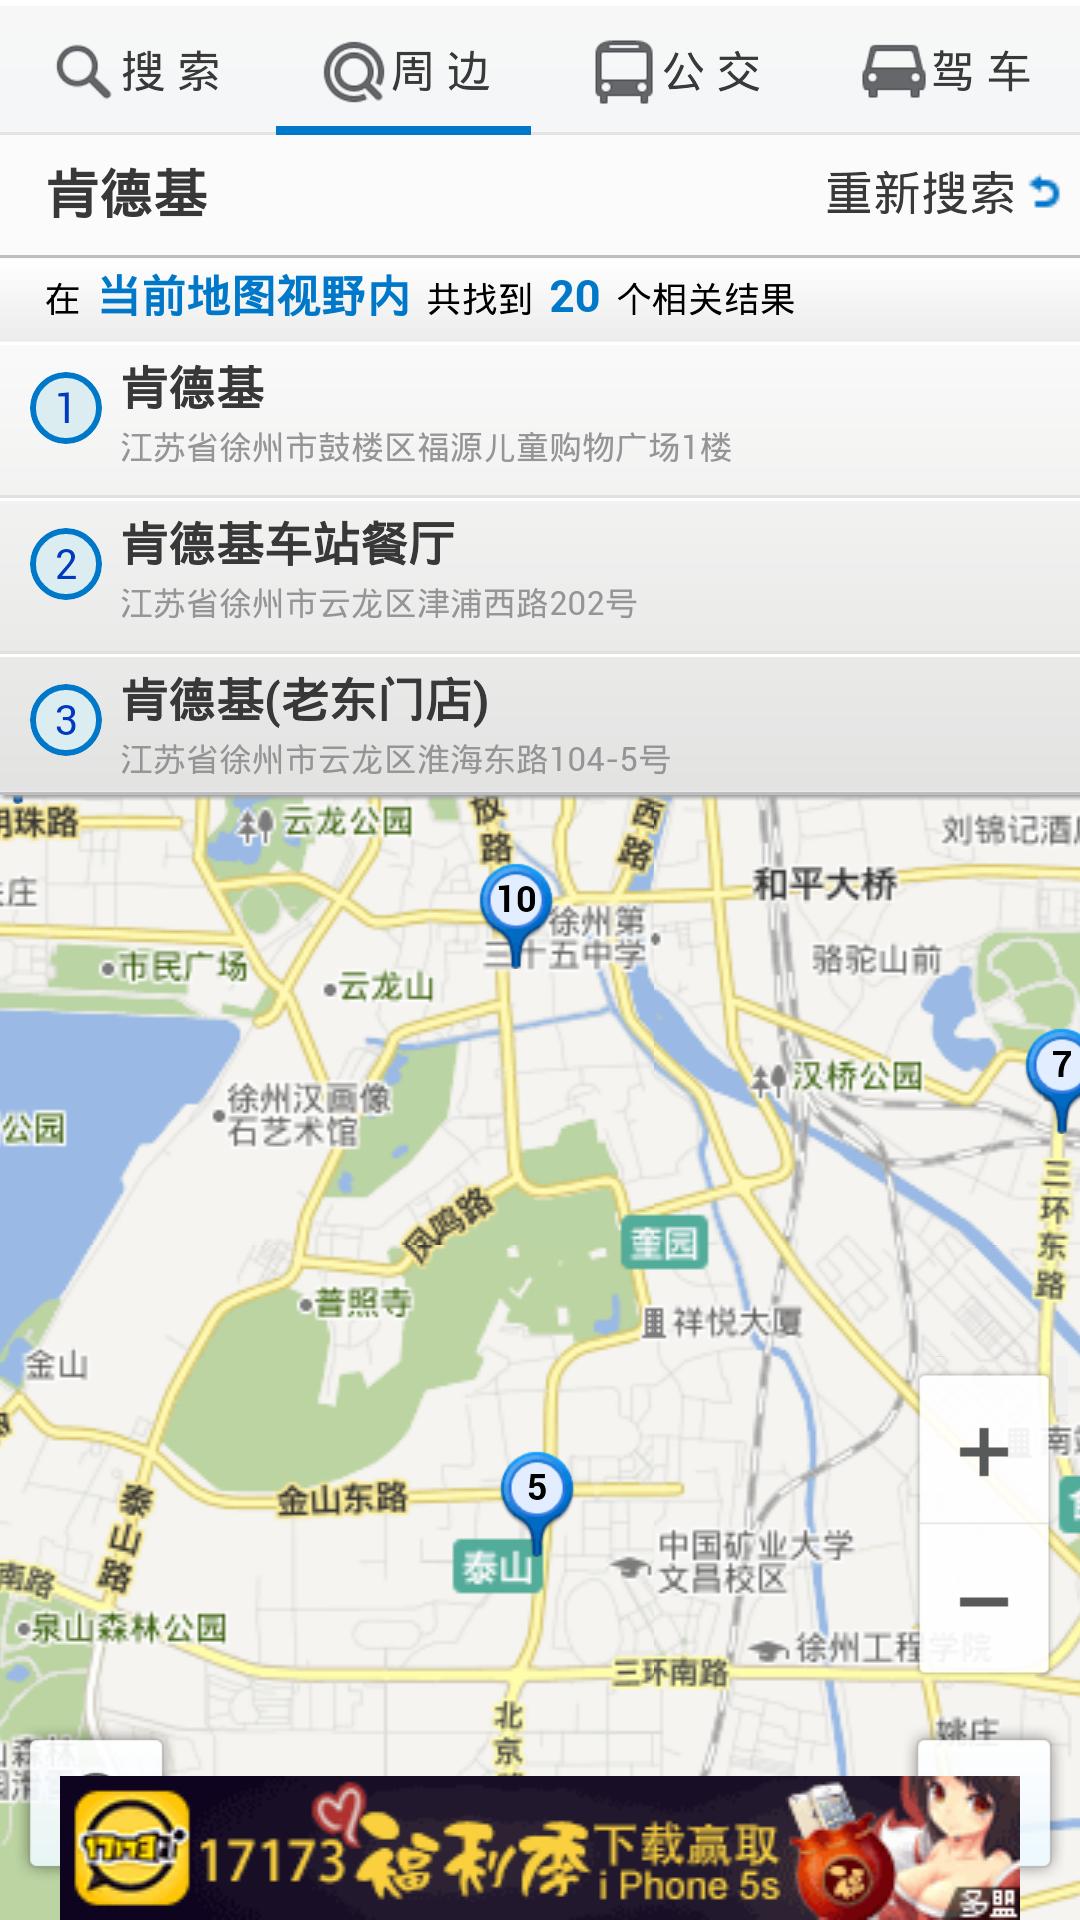 手机地图导航截图(2)